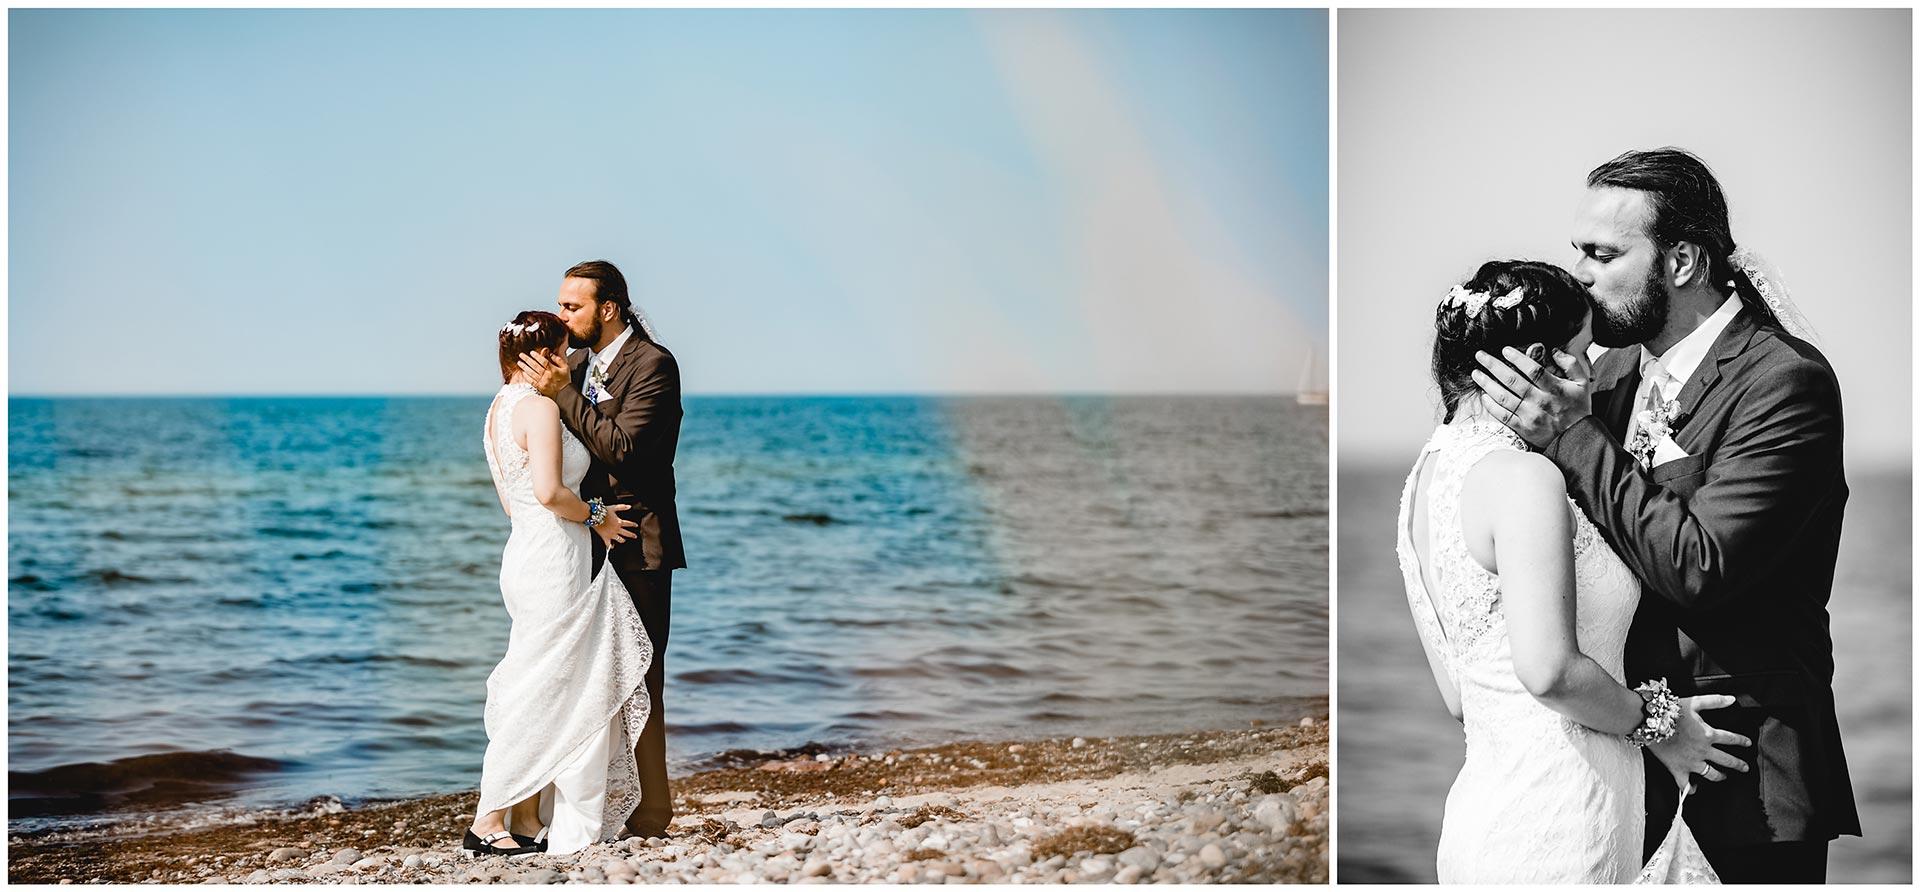 Braeutigam-küsst-Braut-liebevoll-die-Stirn-Hochzeitsshooting-Hochzeit-am-Strand-Hochzeitsfotograf-Warnemuende-Hochzeitsfotograf-Rostock-Hochzeitsfotograf-Ostseebad-Warnemuende